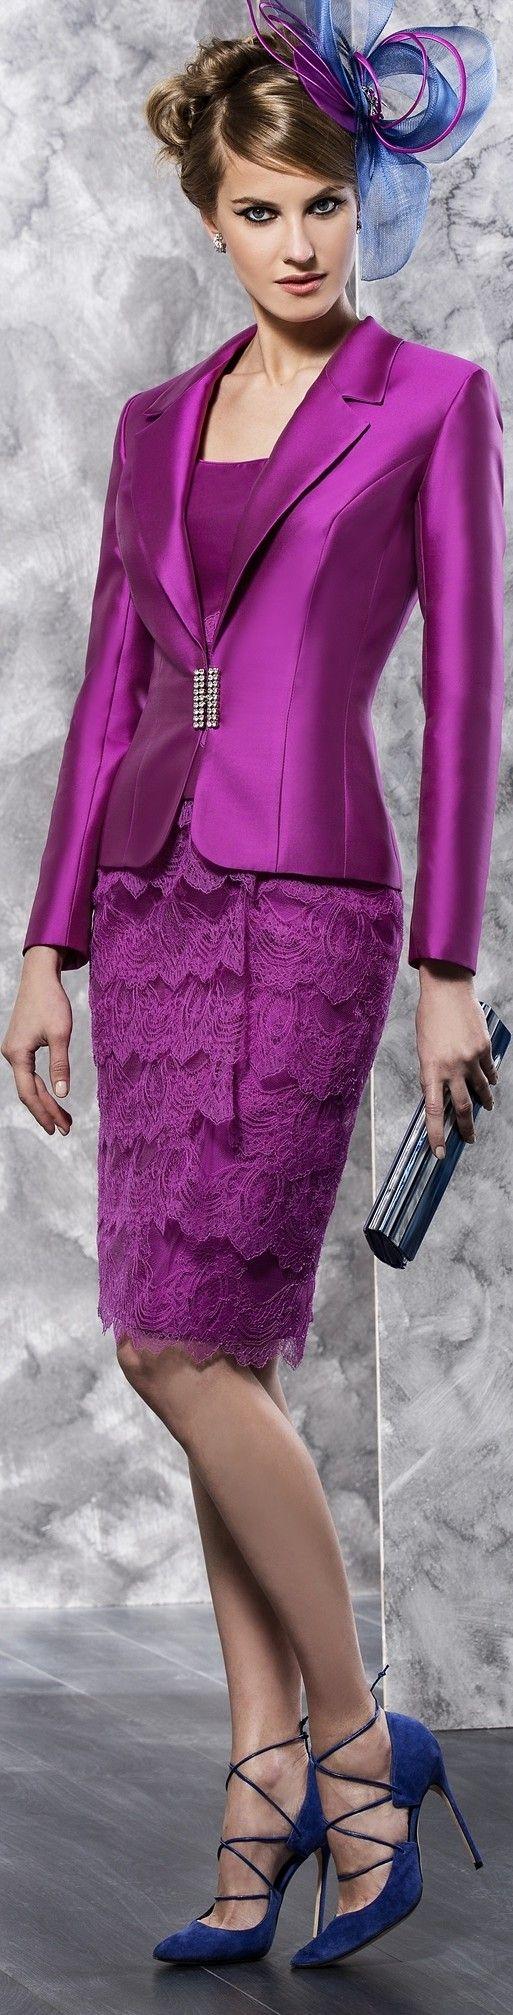 Valerio Luna | Renda | Pinterest | Beautiful, Boda y Púrpura